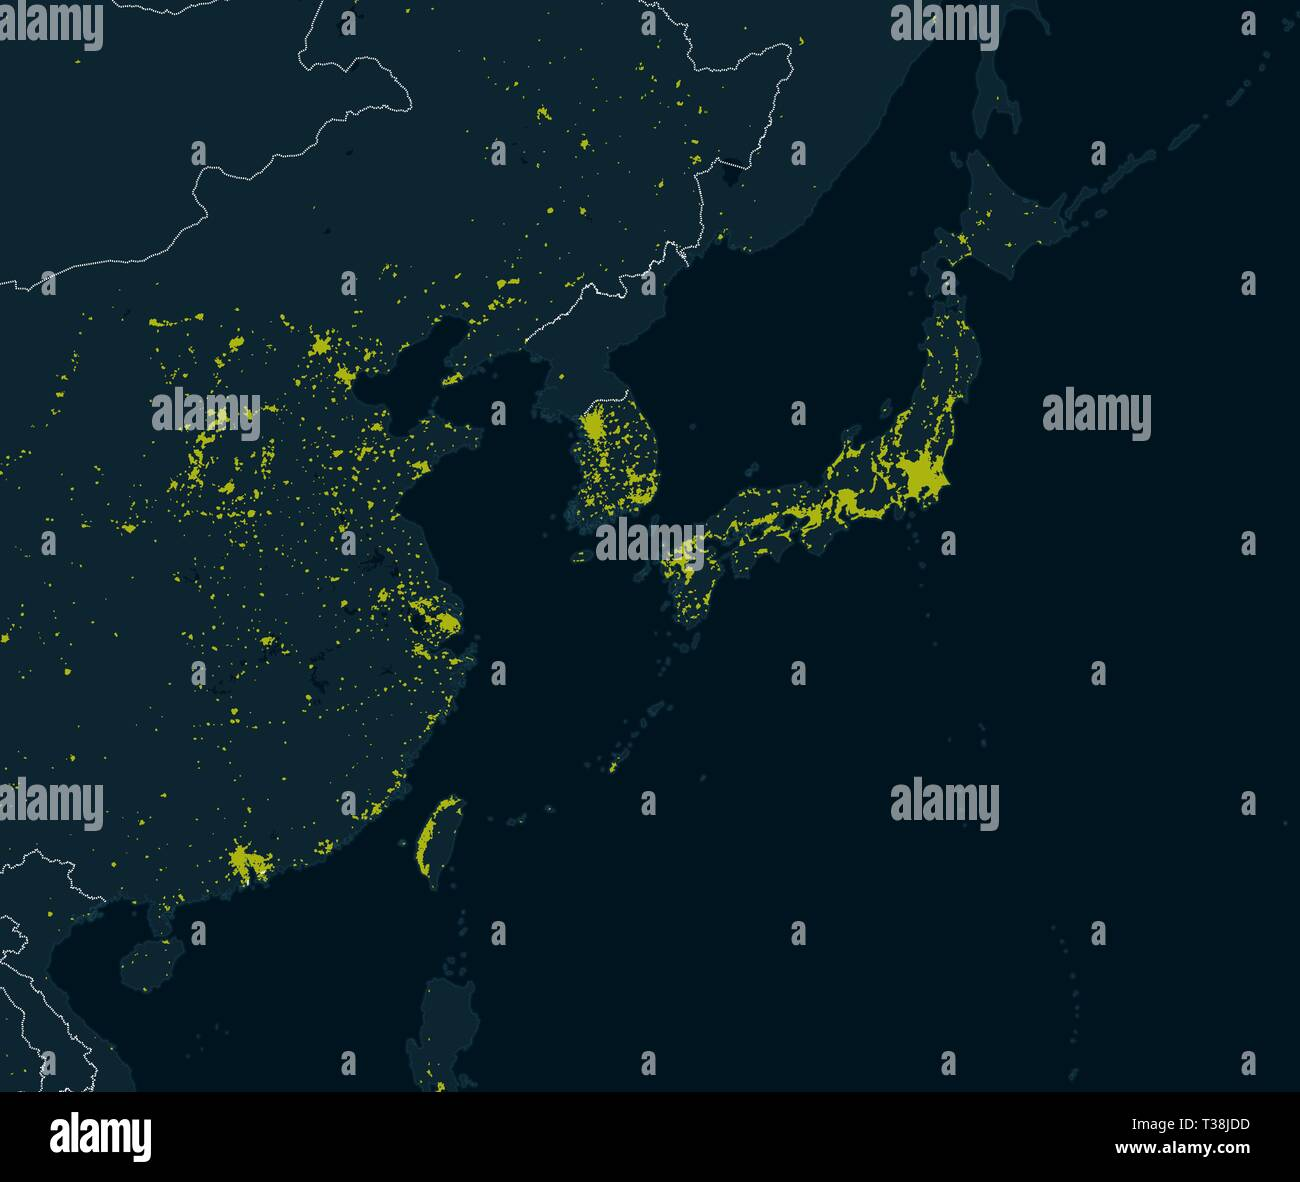 Planisfero Notturno Illuminato.Mappa Mondo Planisfero Con Prominenti Aree Urbane Vista